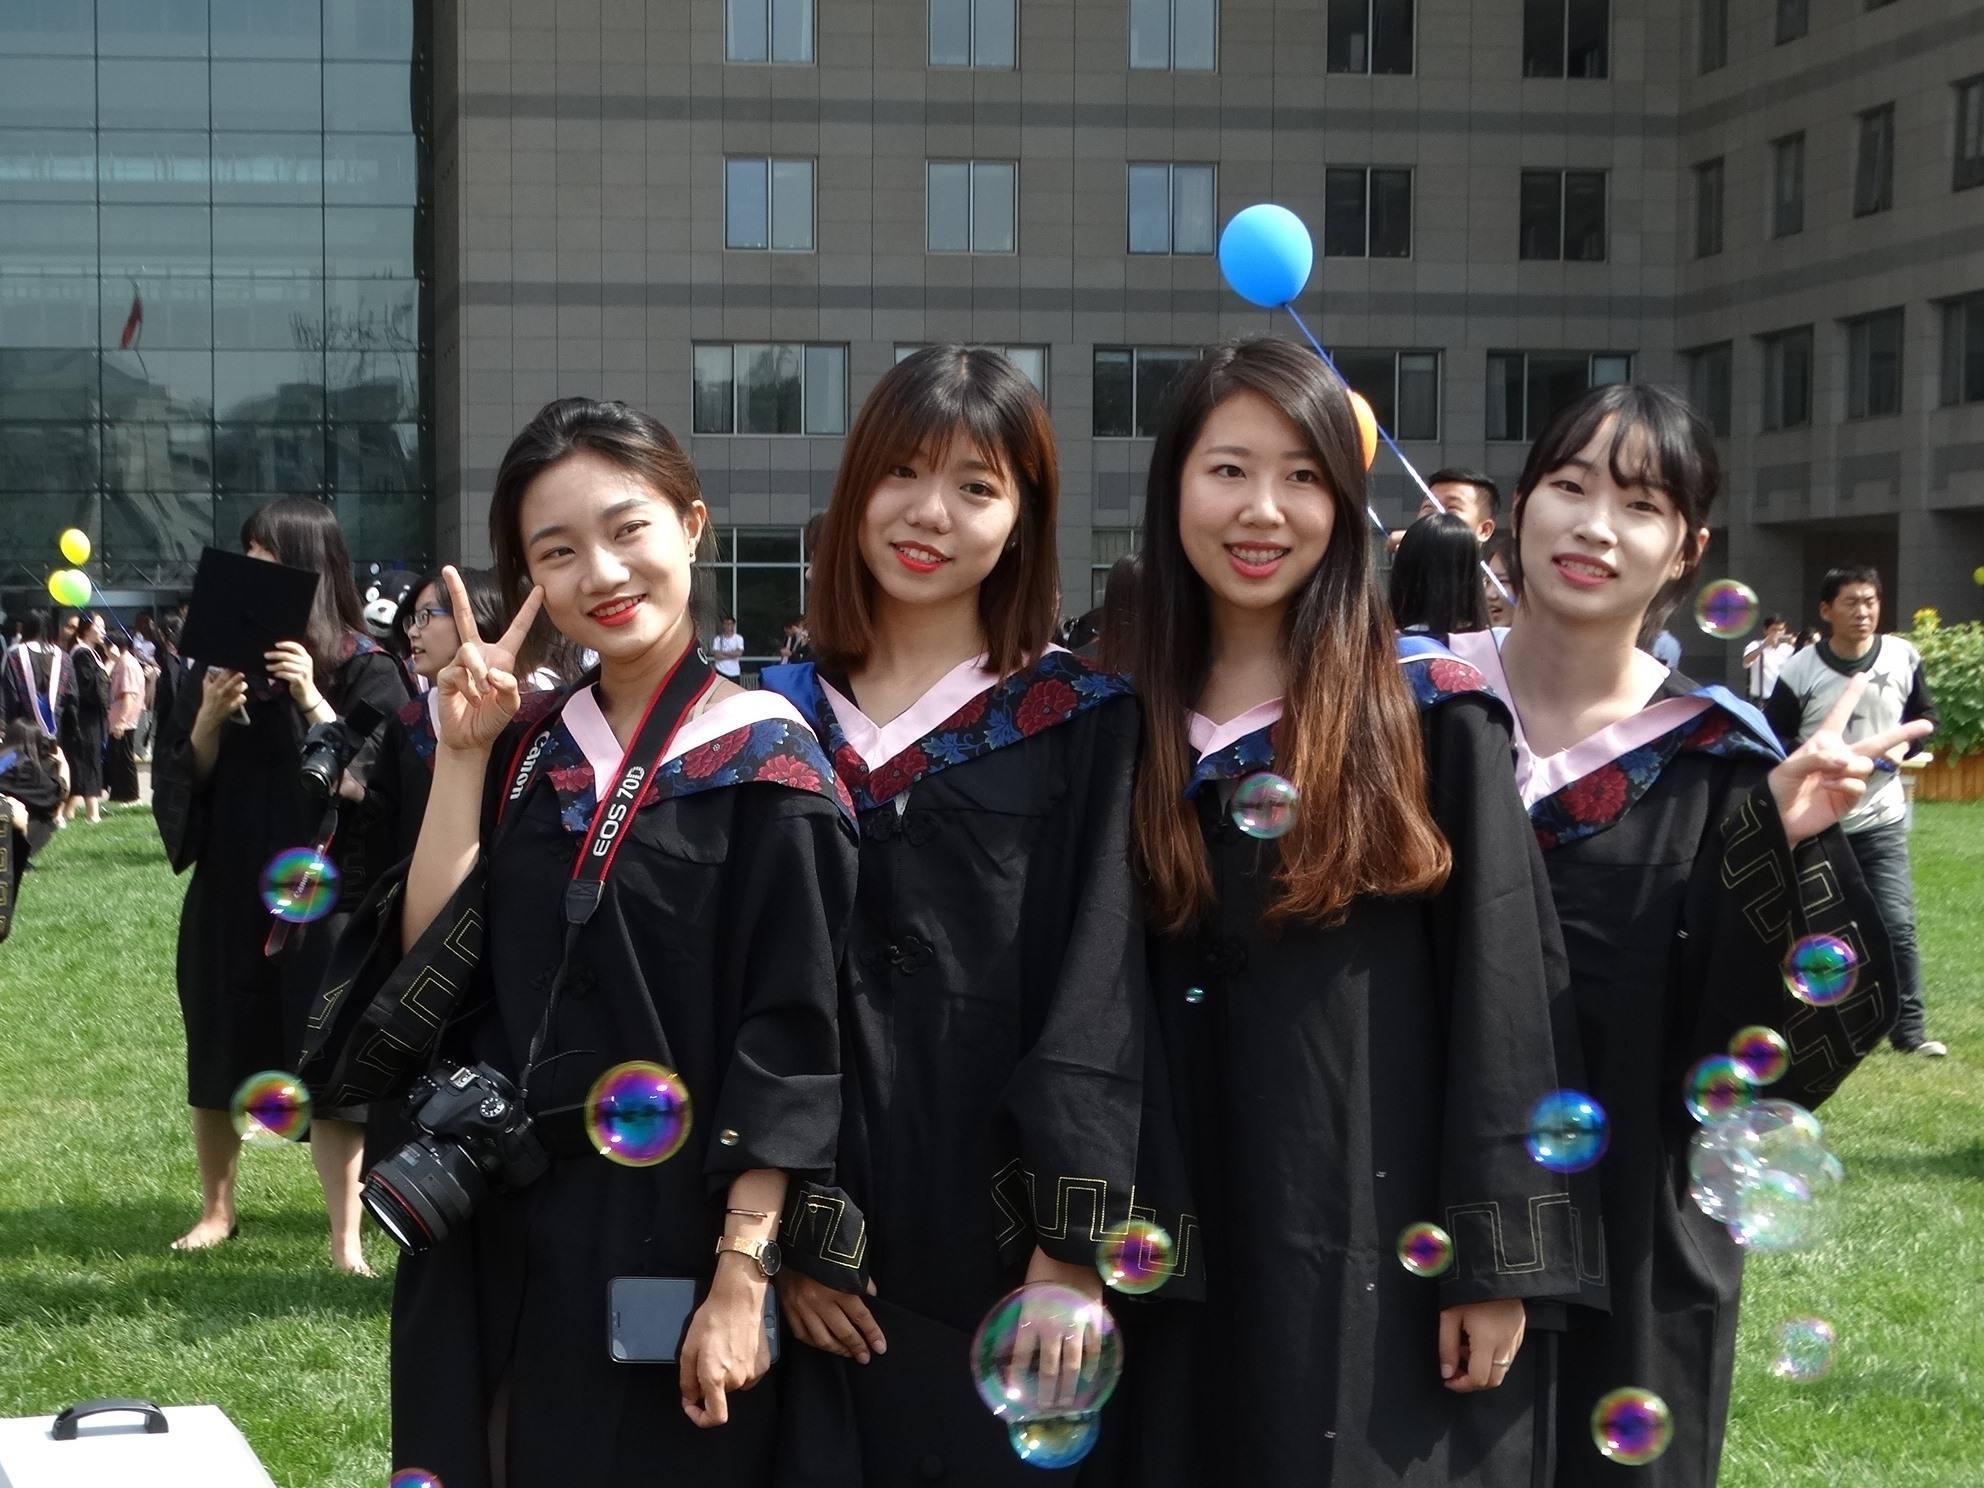 大学生越来越难了!高校严把毕业关,该如何加强学业辅导让学生学有所成?